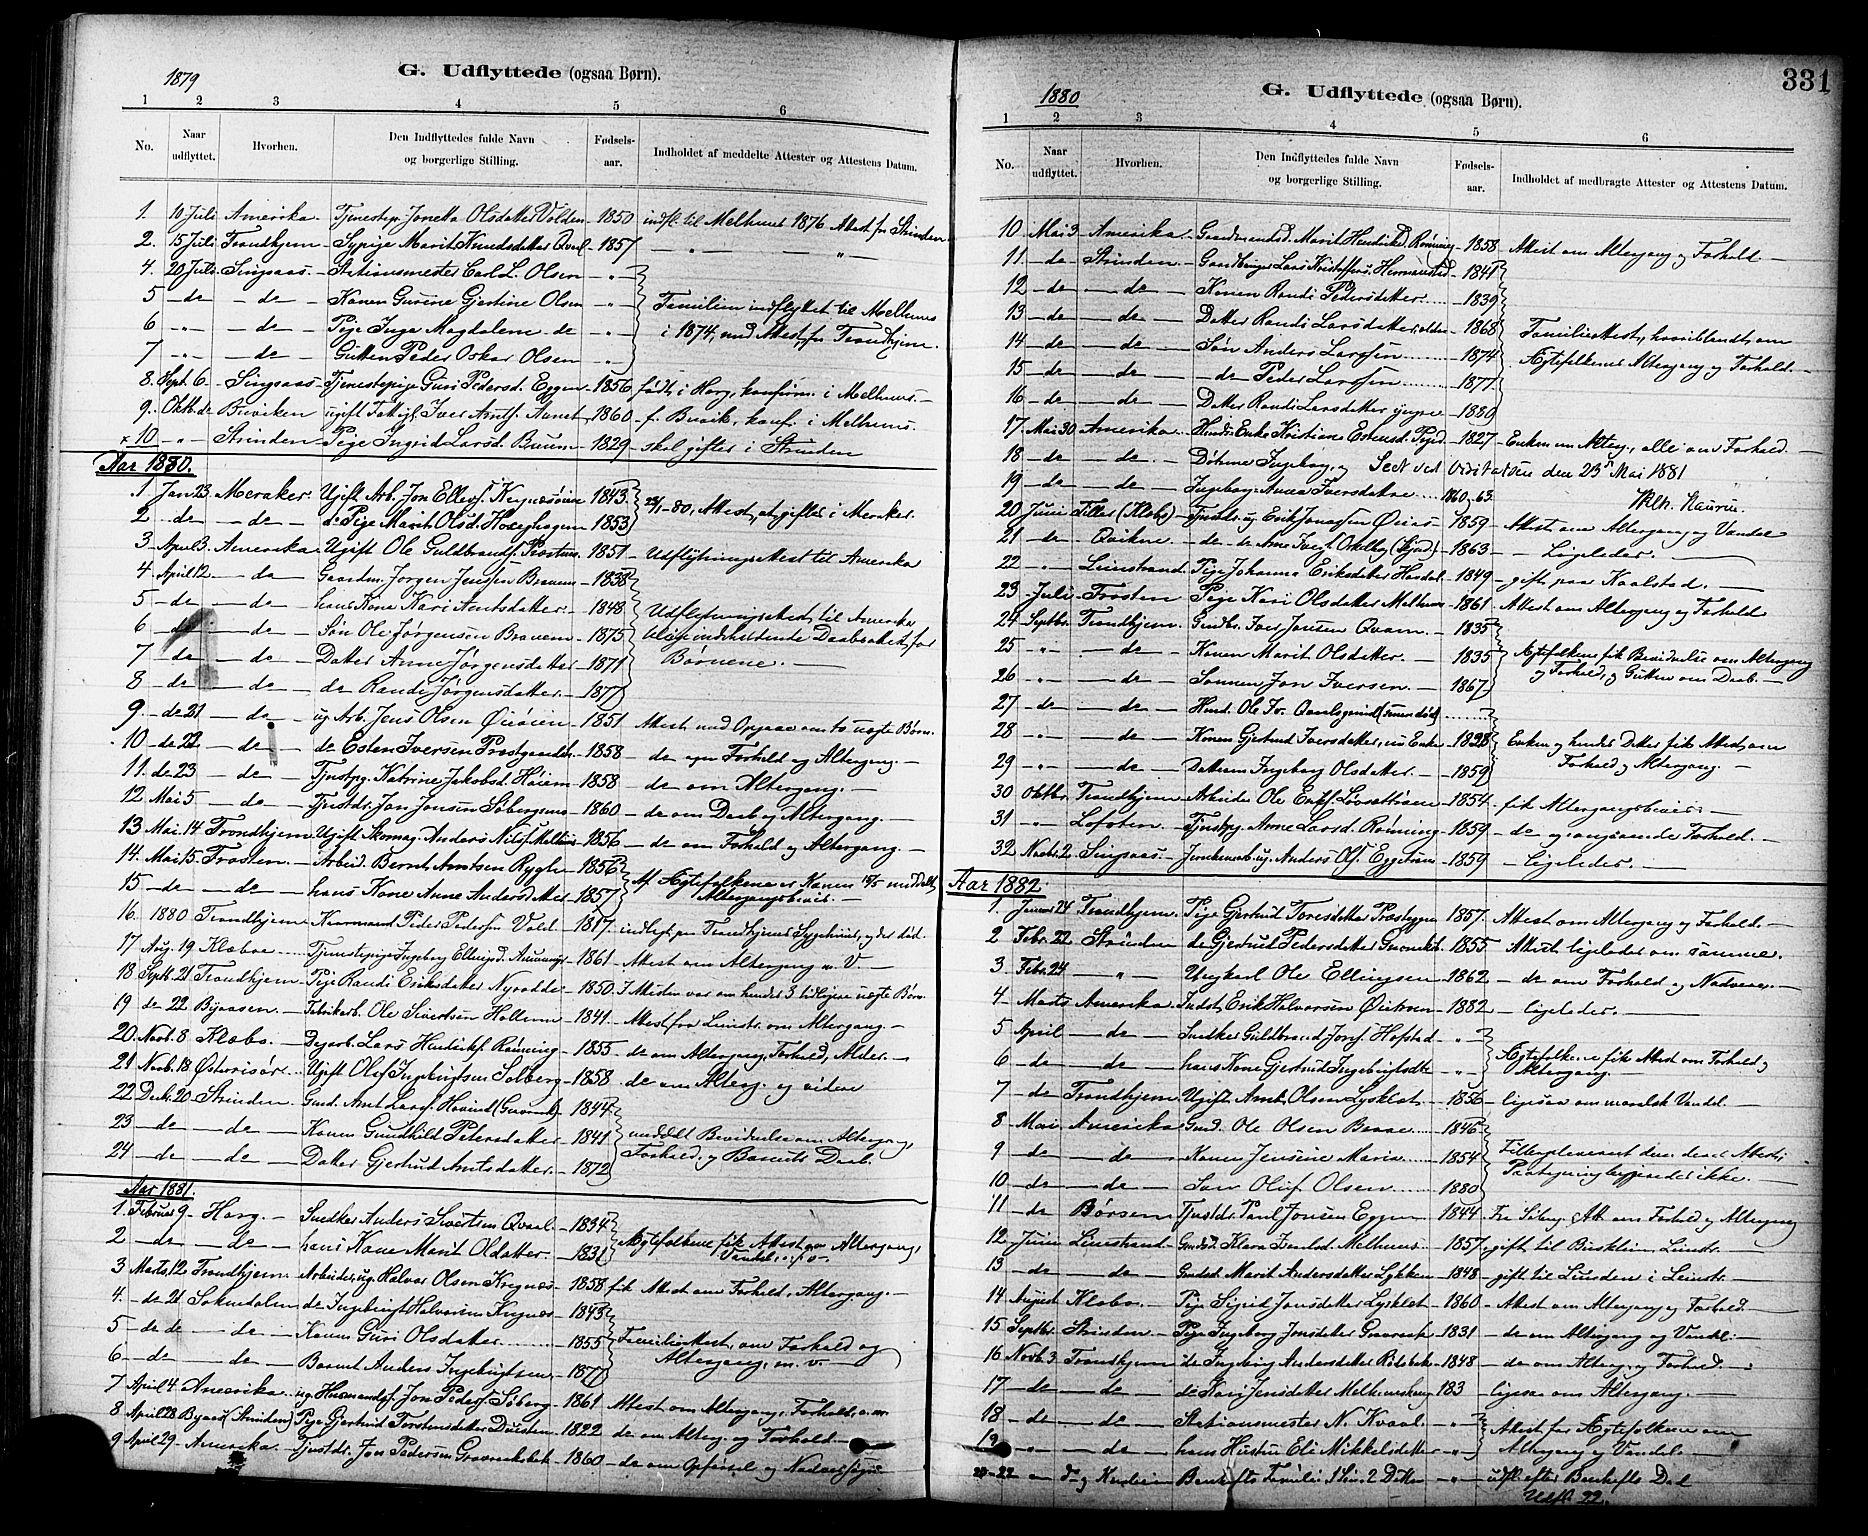 SAT, Ministerialprotokoller, klokkerbøker og fødselsregistre - Sør-Trøndelag, 691/L1094: Klokkerbok nr. 691C05, 1879-1911, s. 331